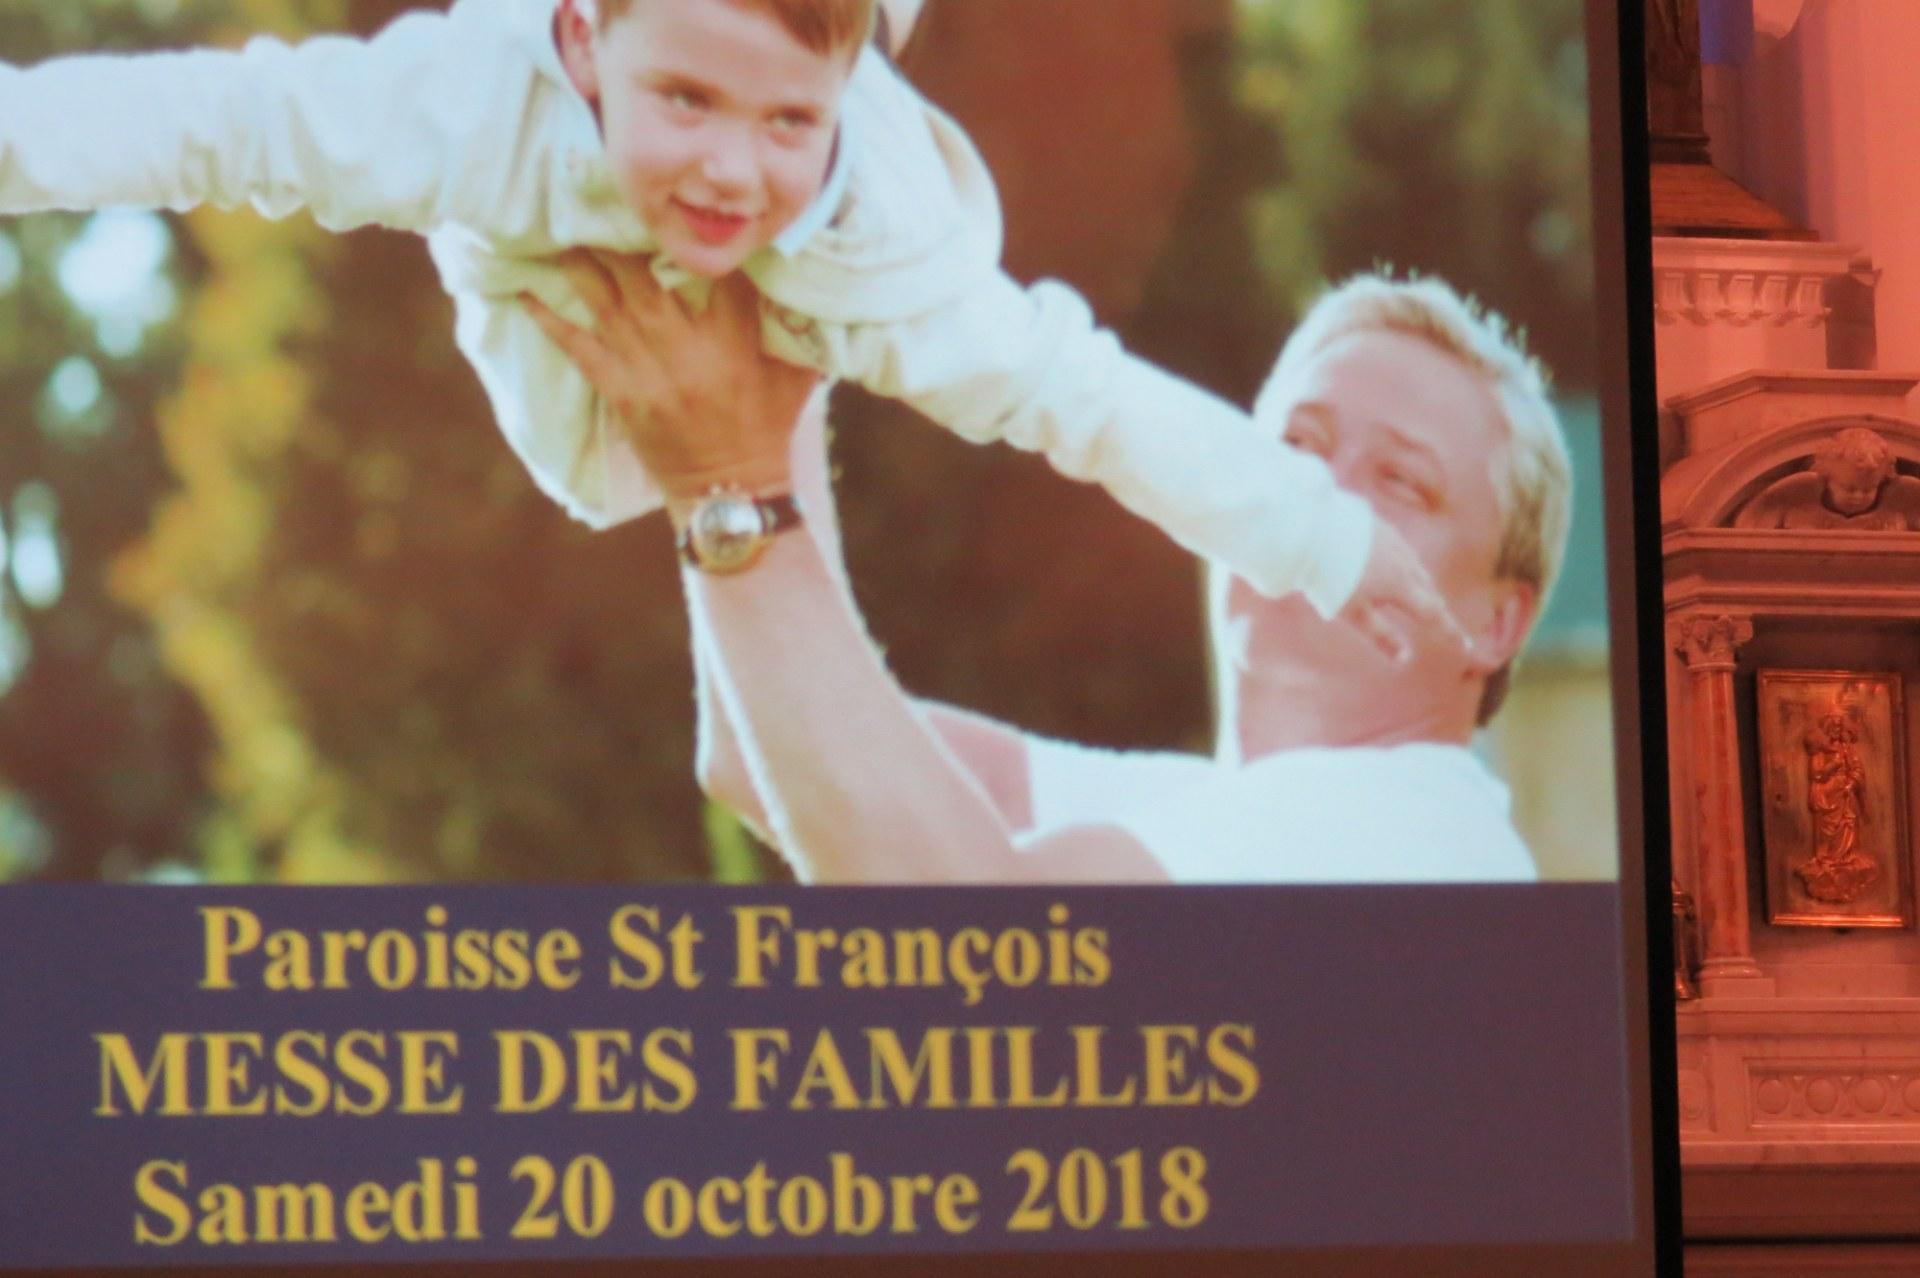 messe des familles Hergnies 11-2018 4